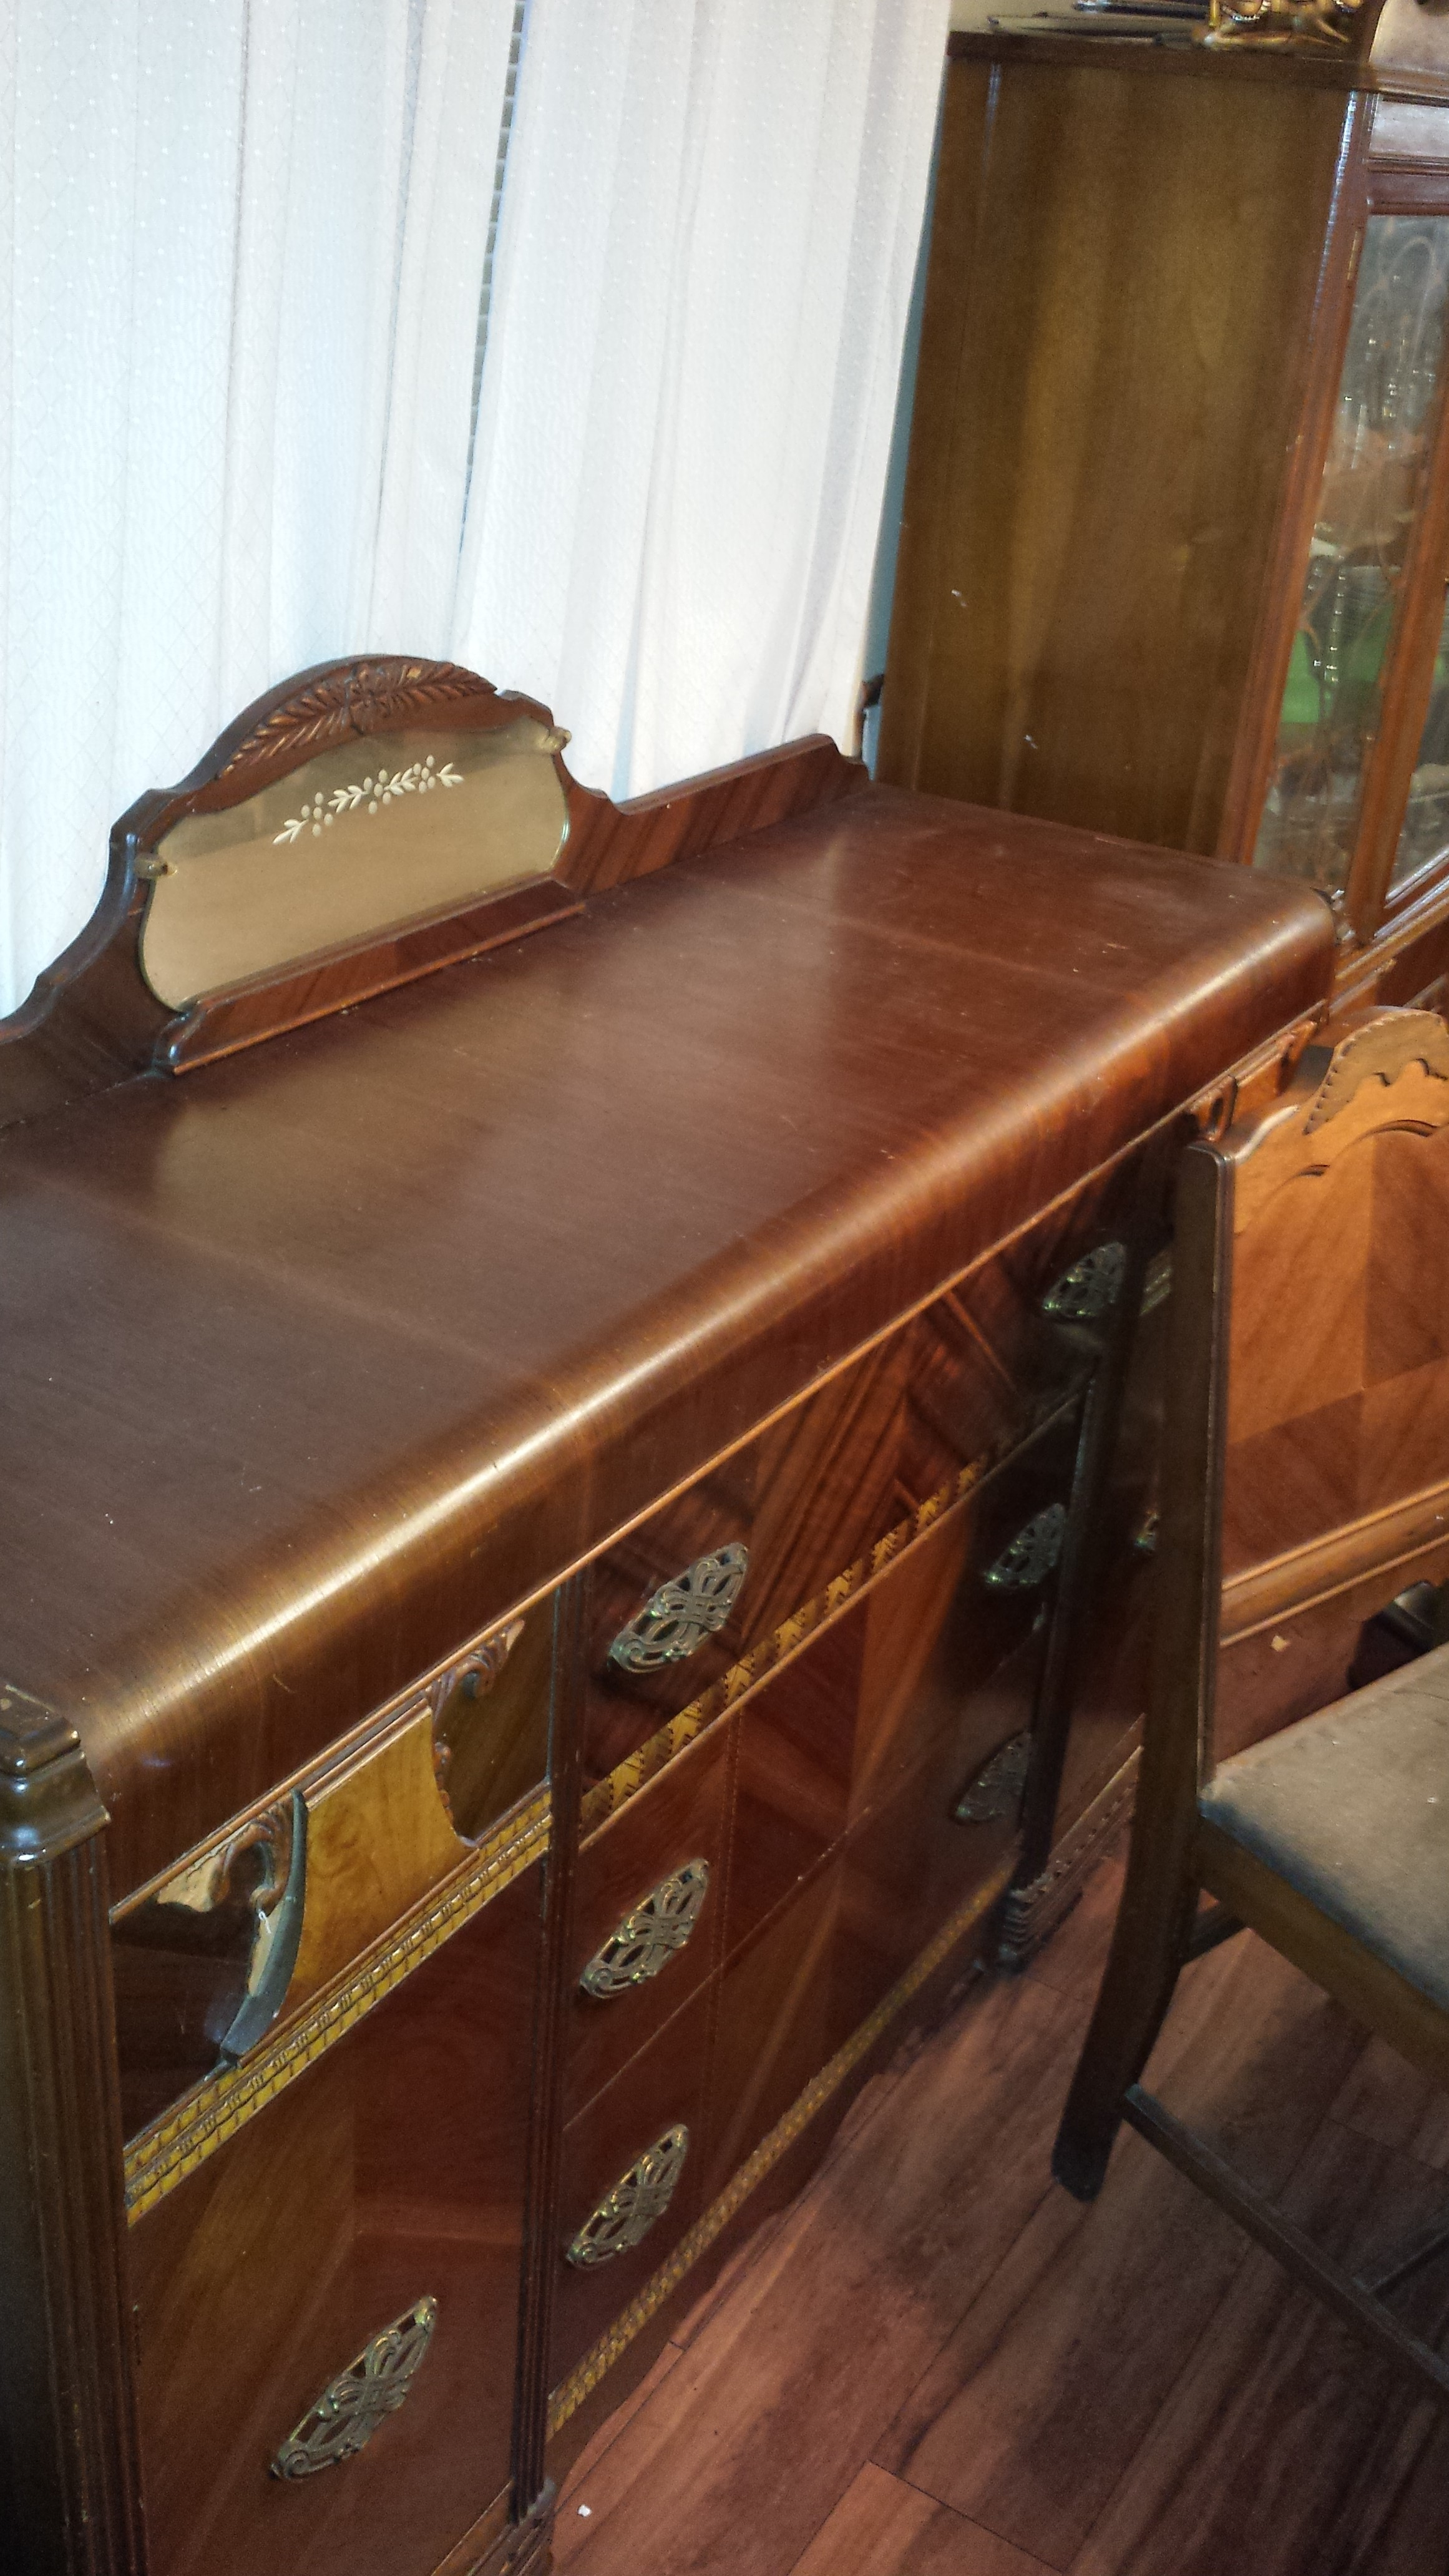 rare antique bassett furniture dining set antique appraisal rh instappraisal com 1940 Antique Bassett Dining Room Set Antique Drexel Dining Room Set